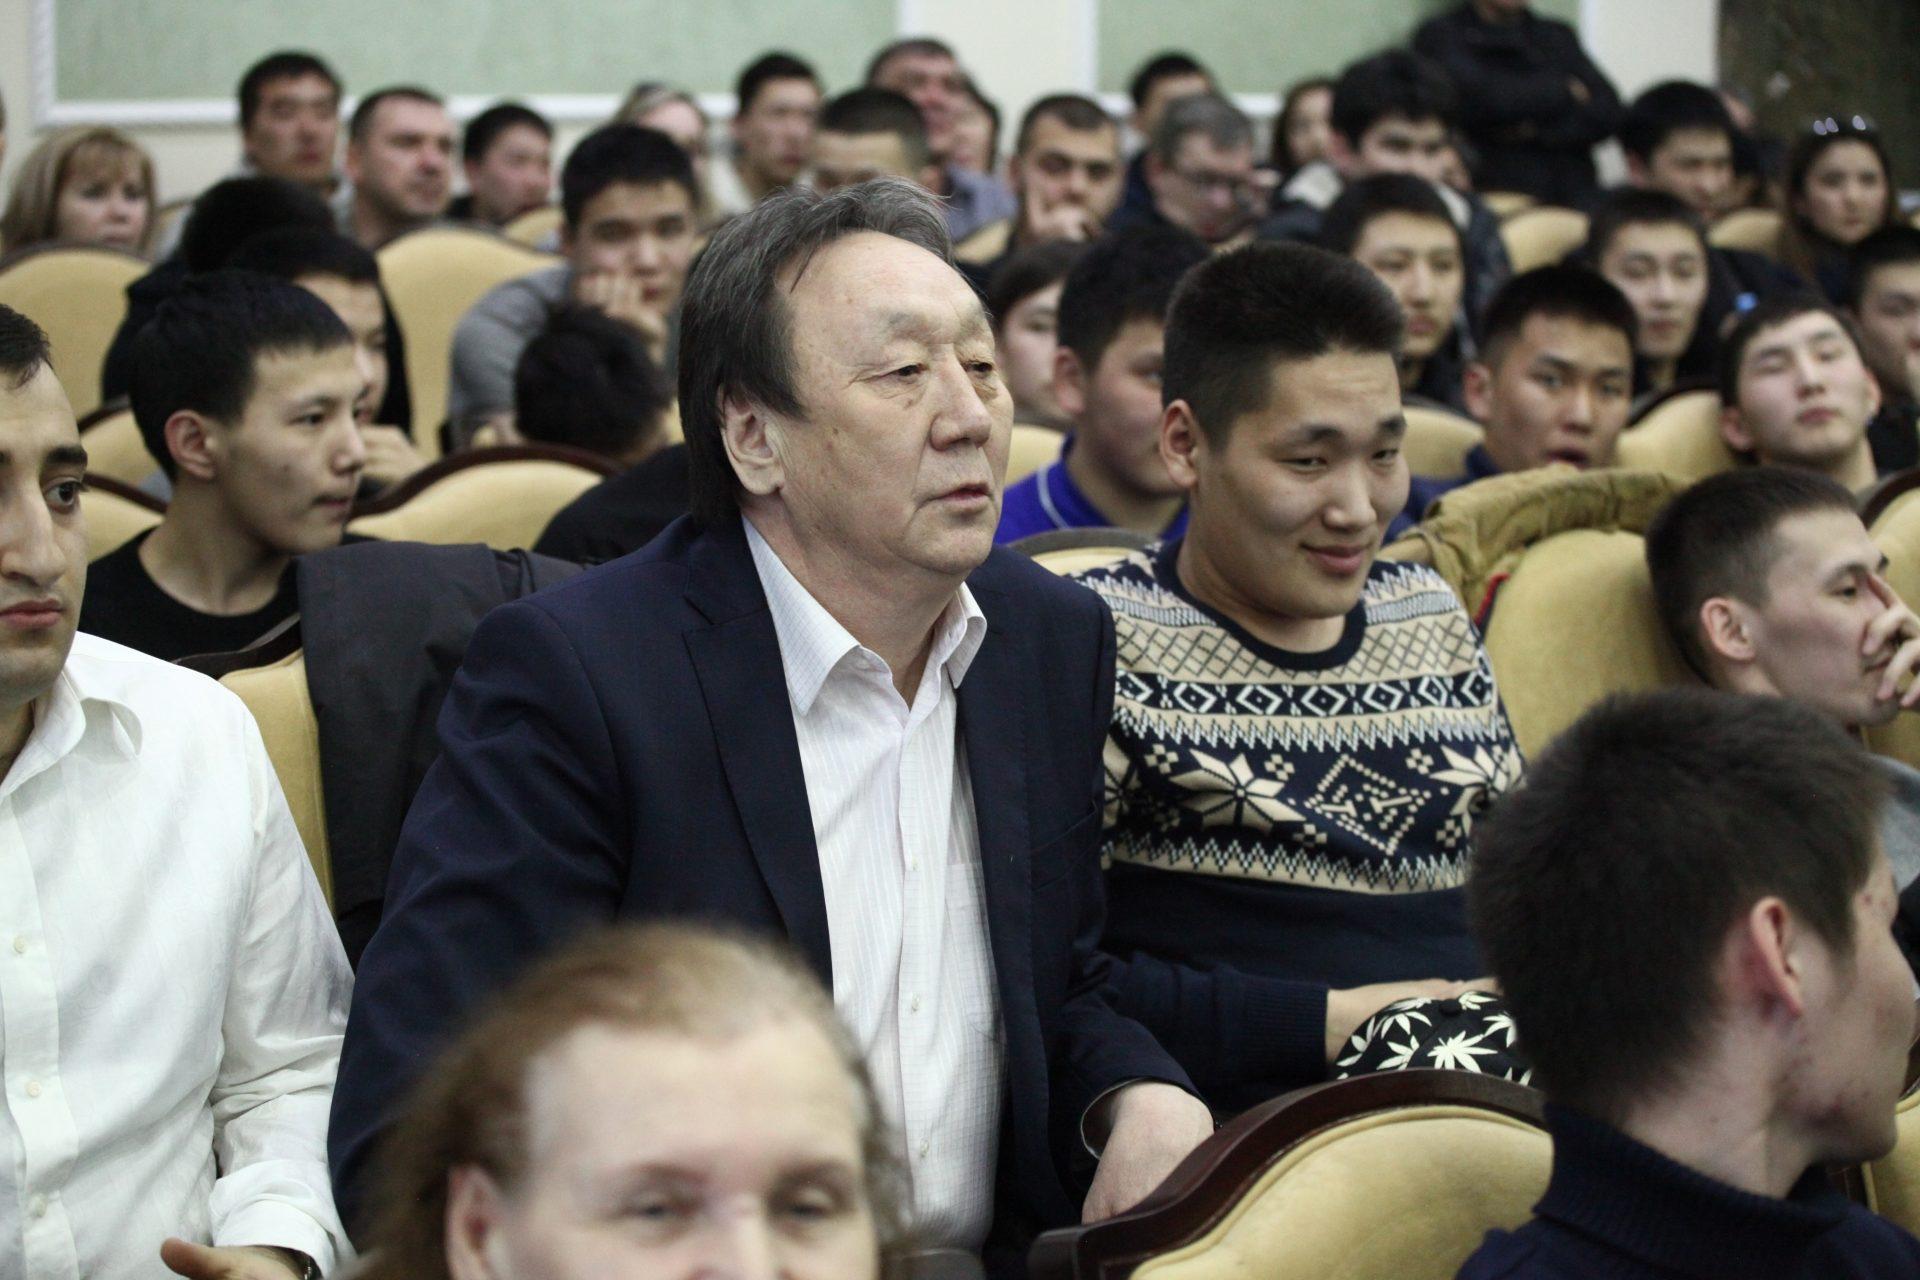 Аншлаг ПЕТРОСЯНА в Якутске или кому продемонстрировал силу «Правильный мент»?